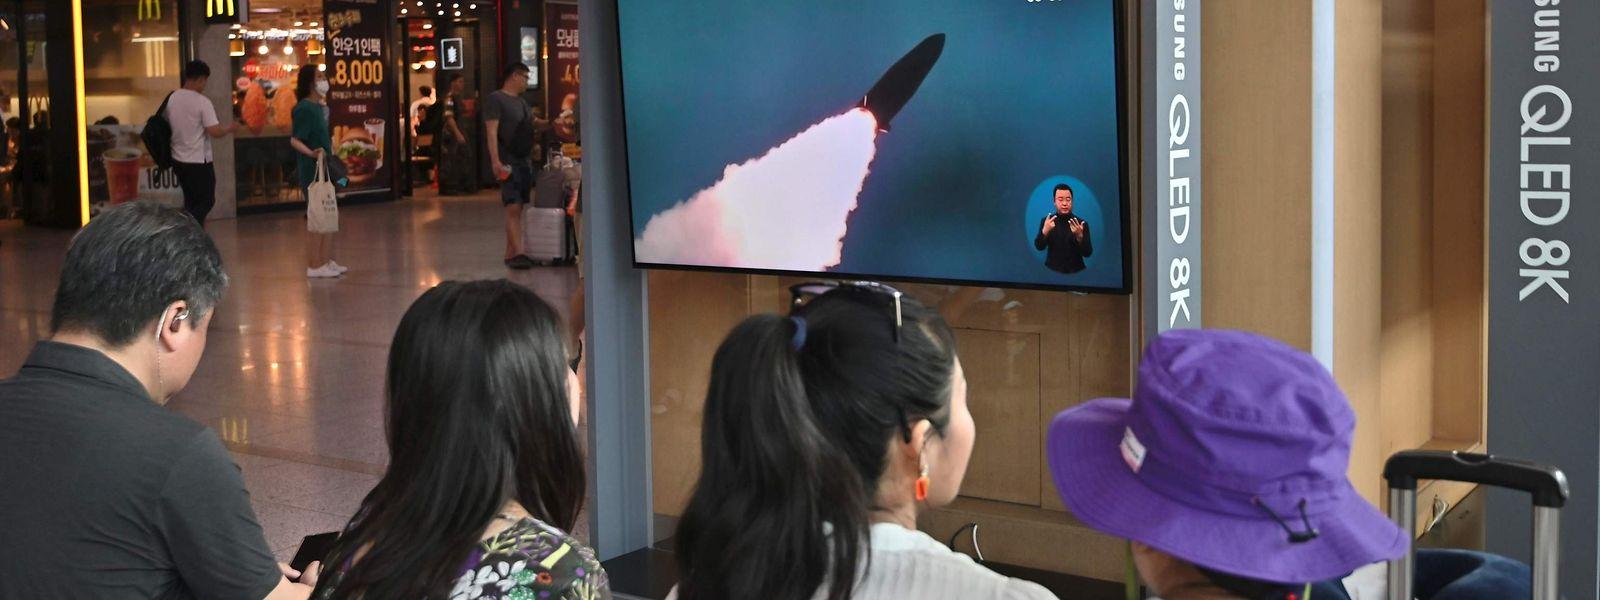 Der mutmaßliche Raketentest der Nordkoreaner wurde in Südkorea im Fernsehen übertragen.